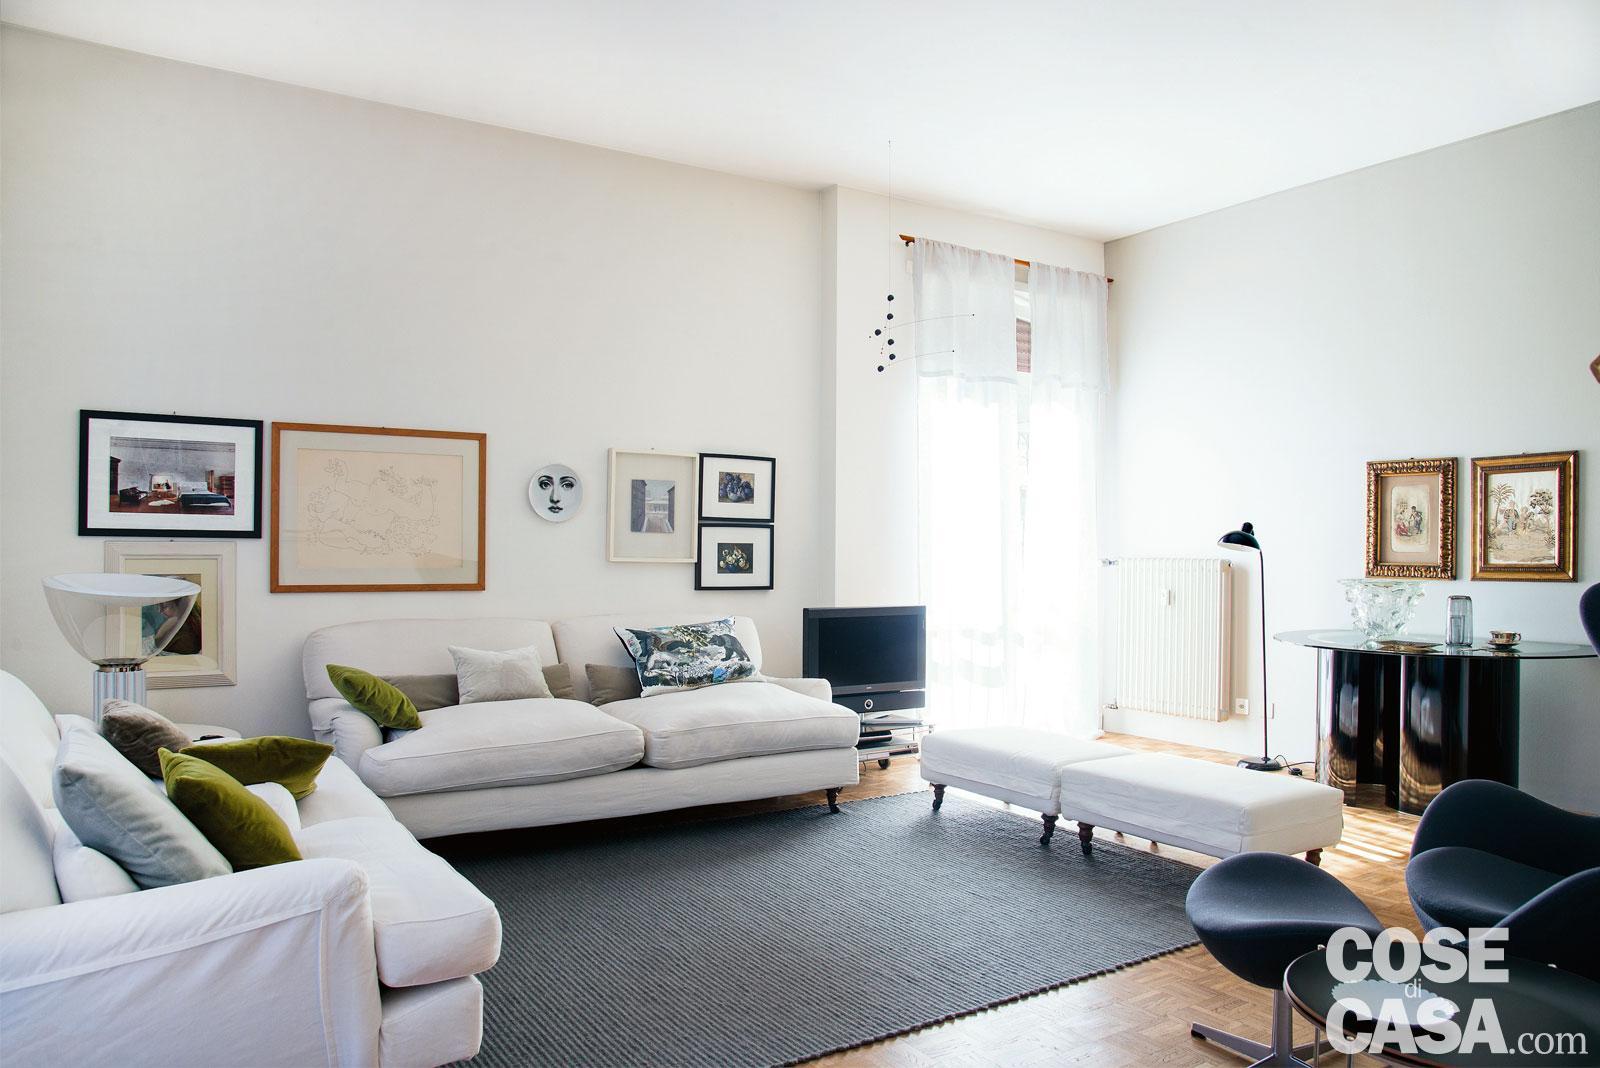 89 Mq Arredati Con Pezzi Iconici Del Design Cose Di Casa